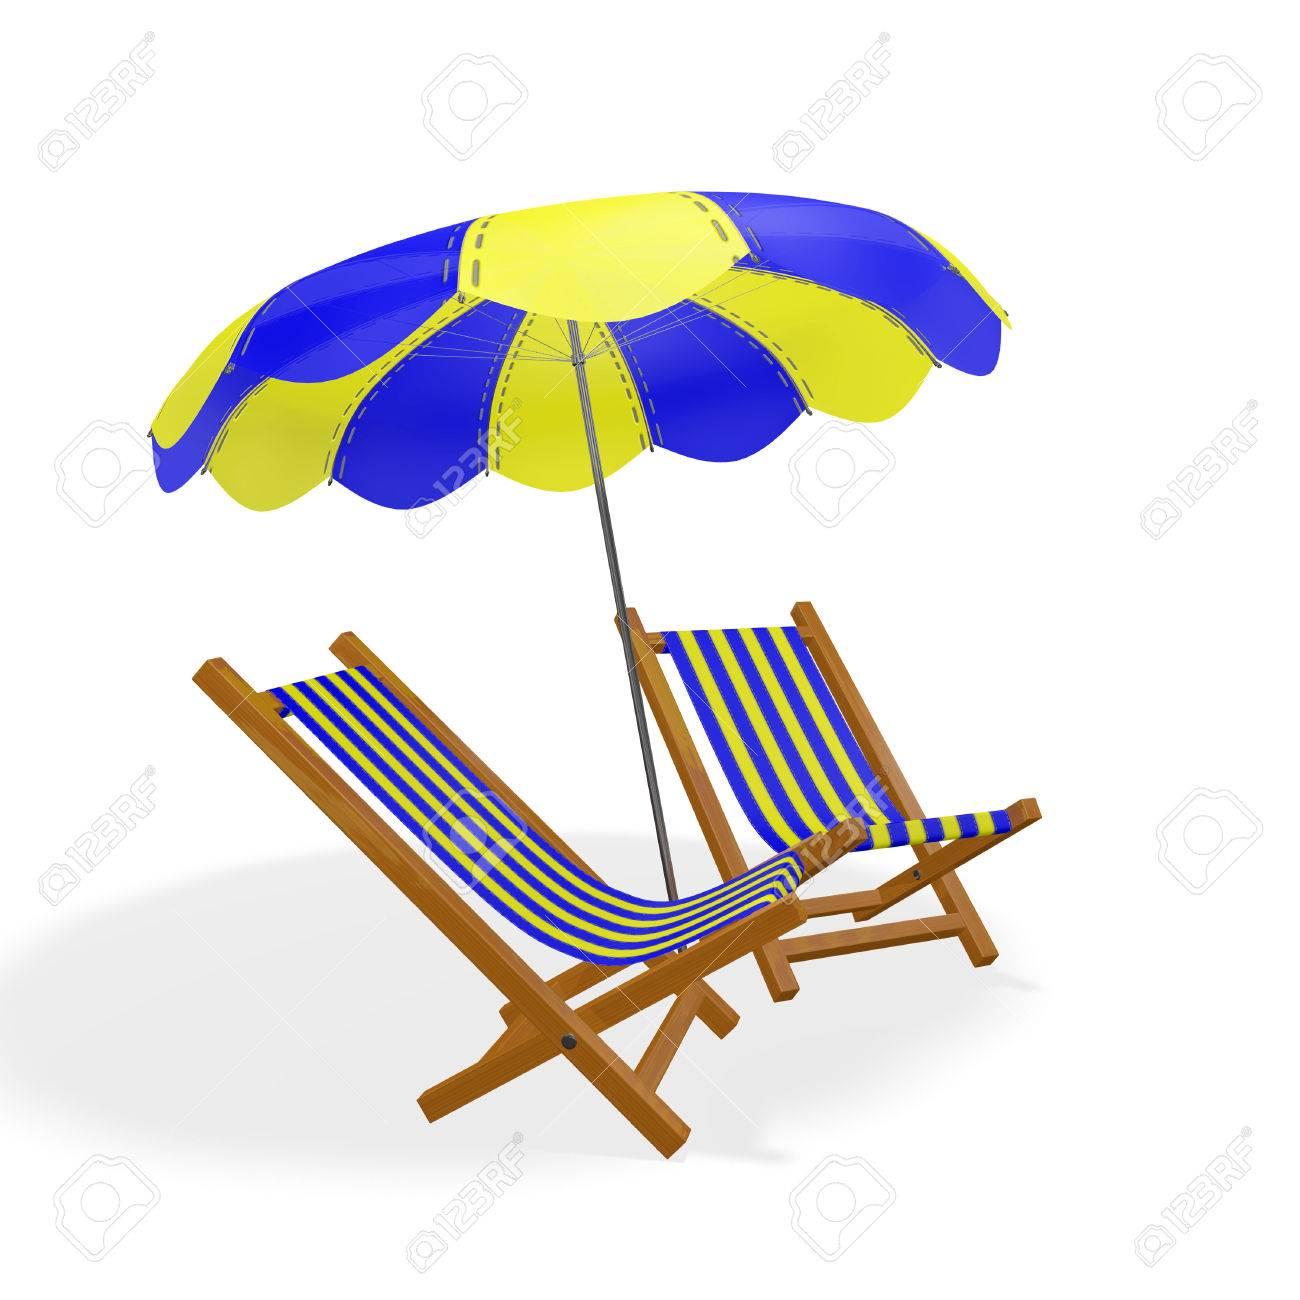 Parasol Rayée Chaises Longues Des Illustration Placées Plage Et Bleues Pour Jaunes Sous Sur 3d Un De Deux Une CorrespondantIsolé BlancIdéal Ou fg7Yby6v